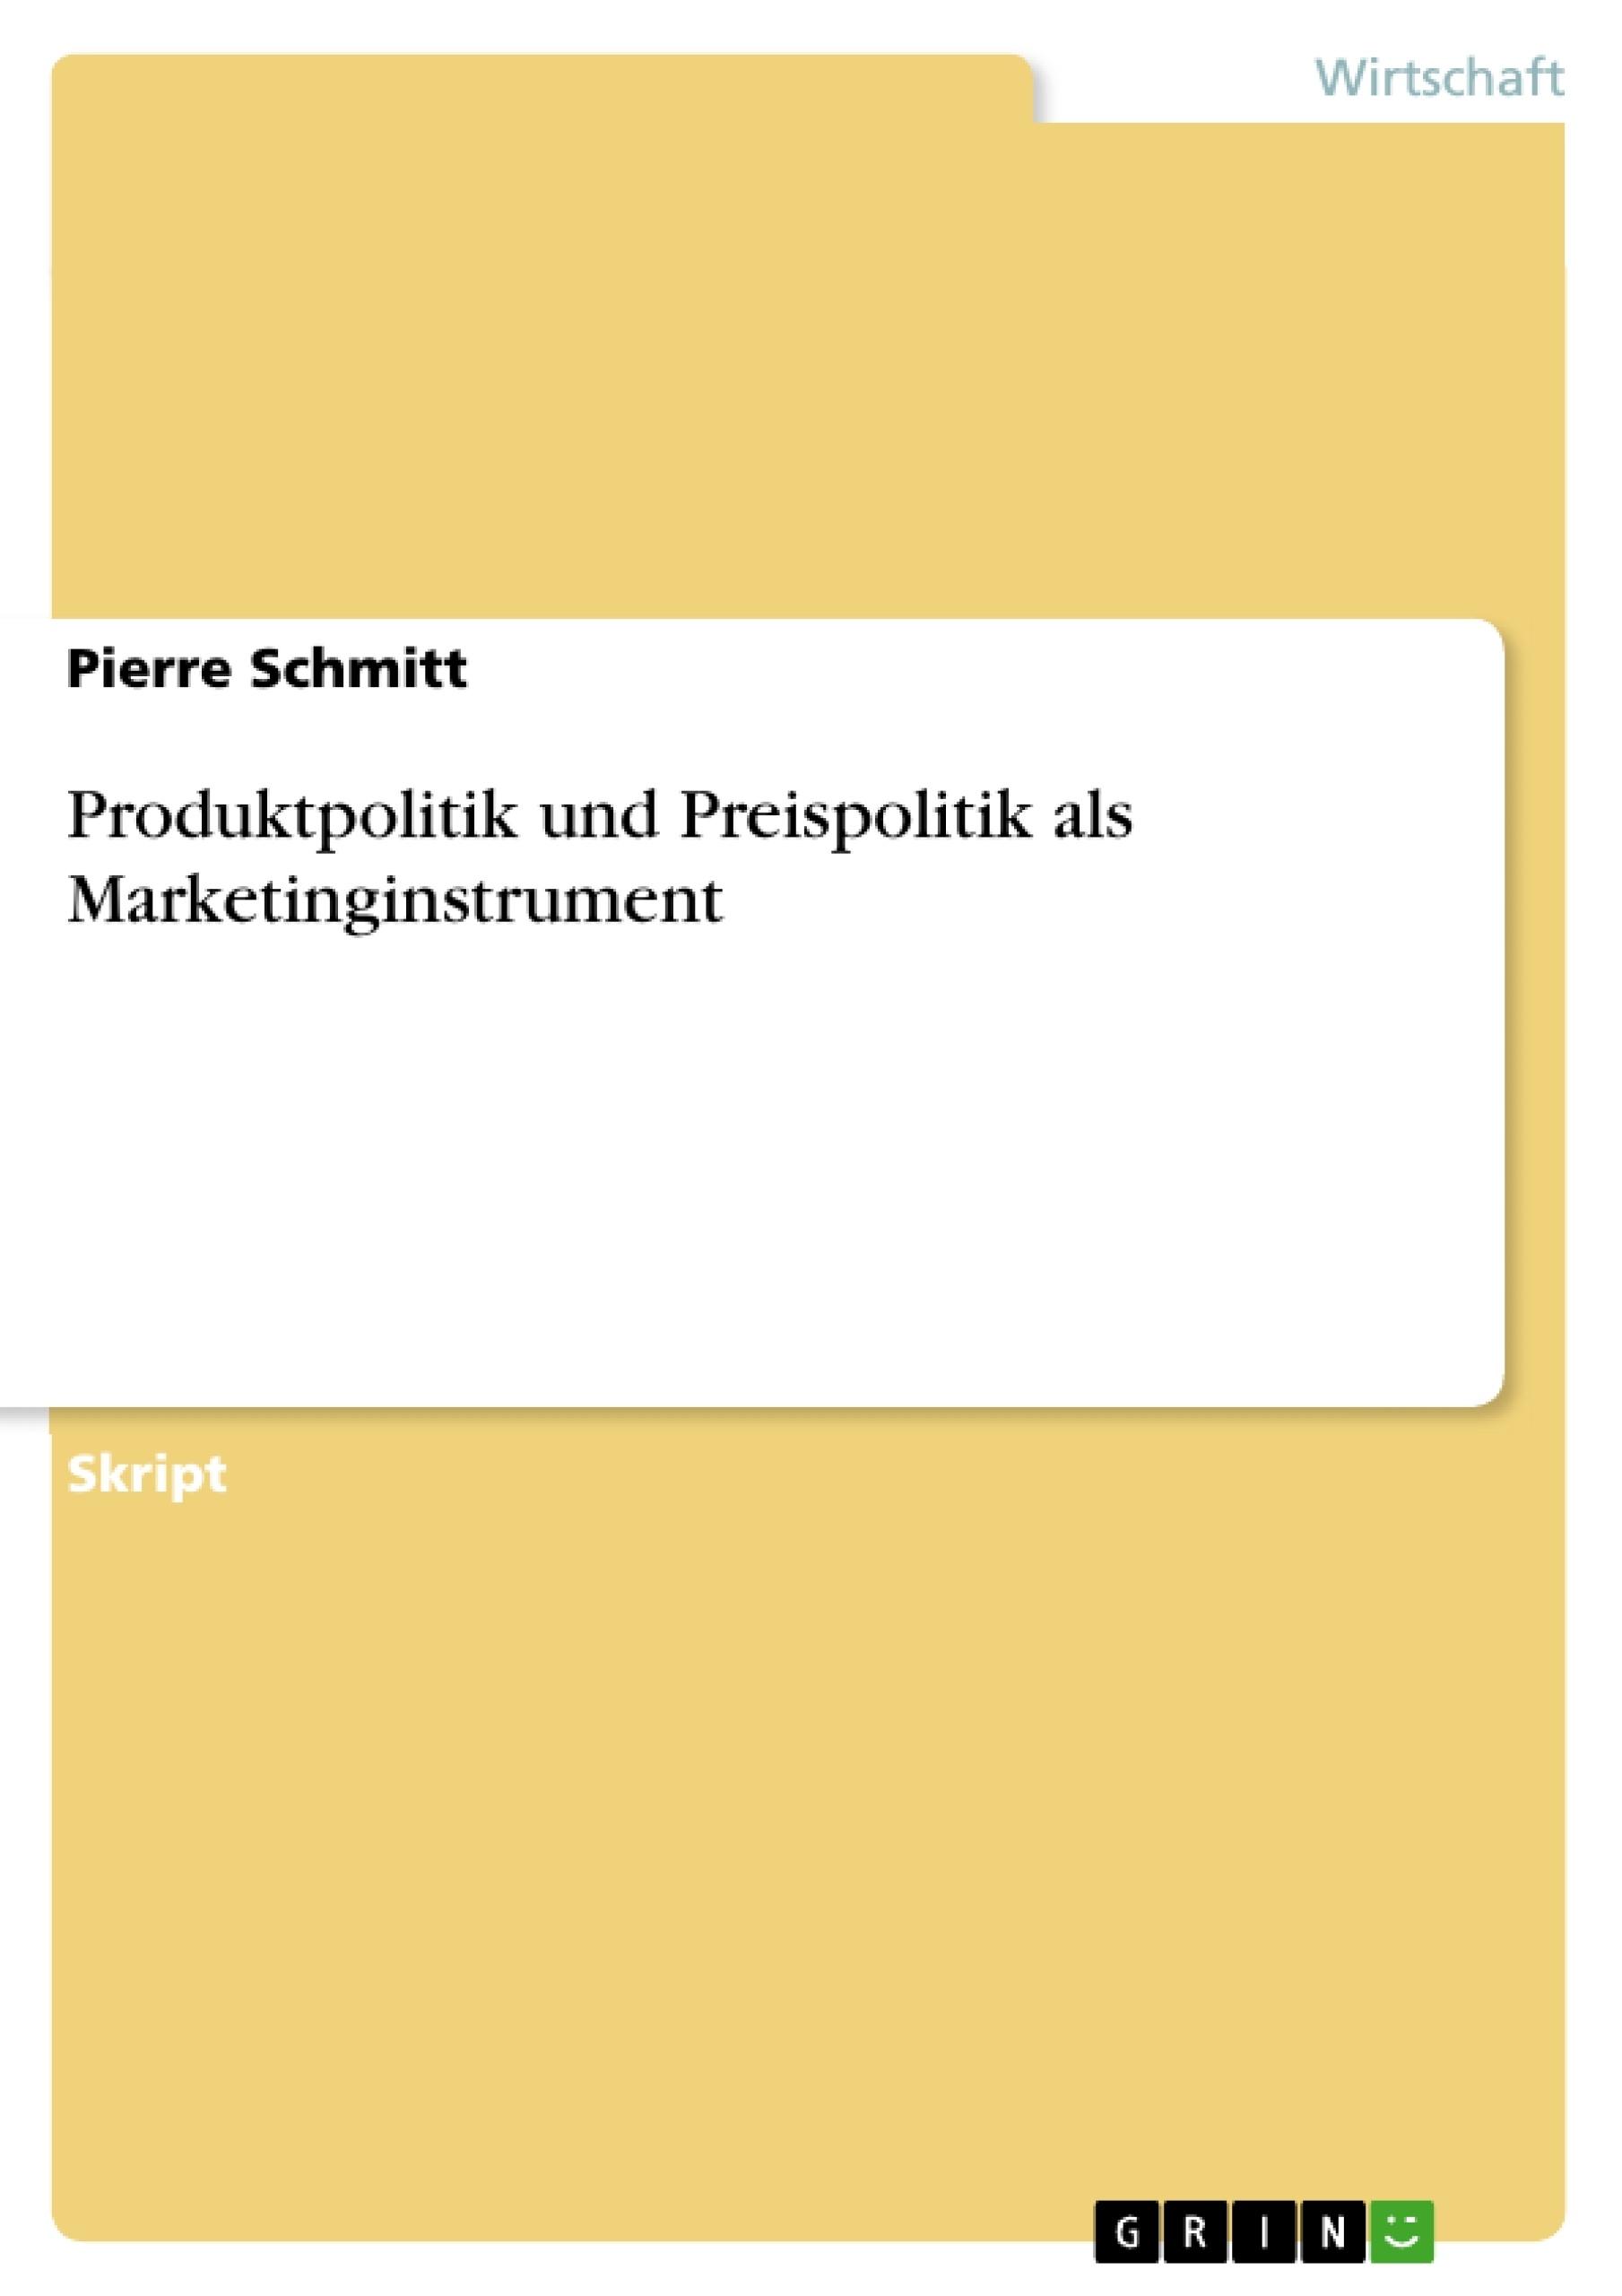 Titel: Produktpolitik und Preispolitik als Marketinginstrument